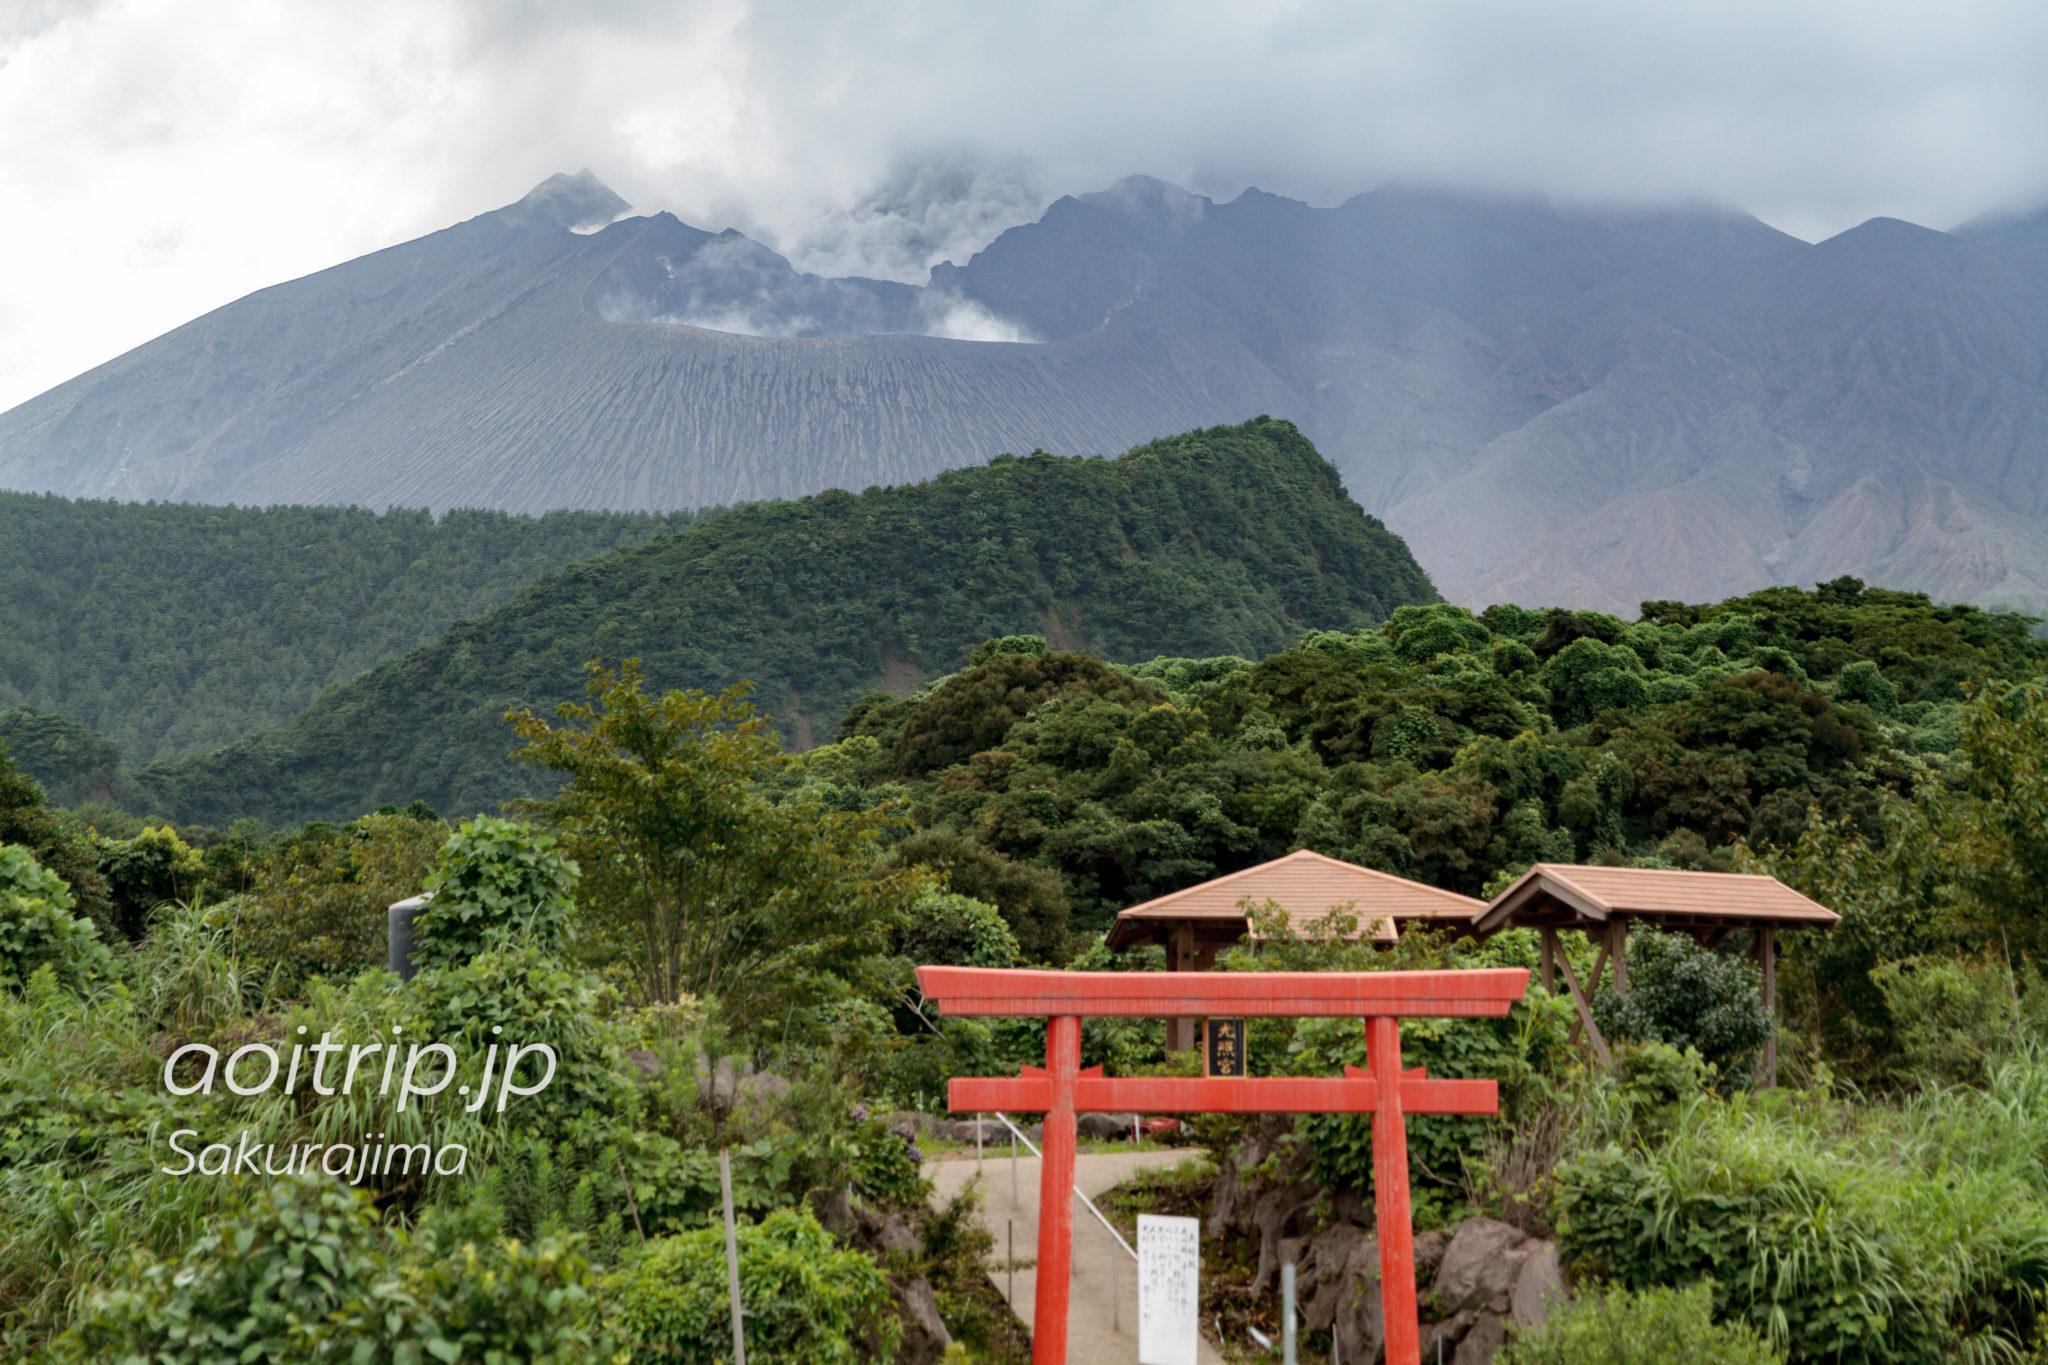 旅の里火山展望台から望む桜島の南岳